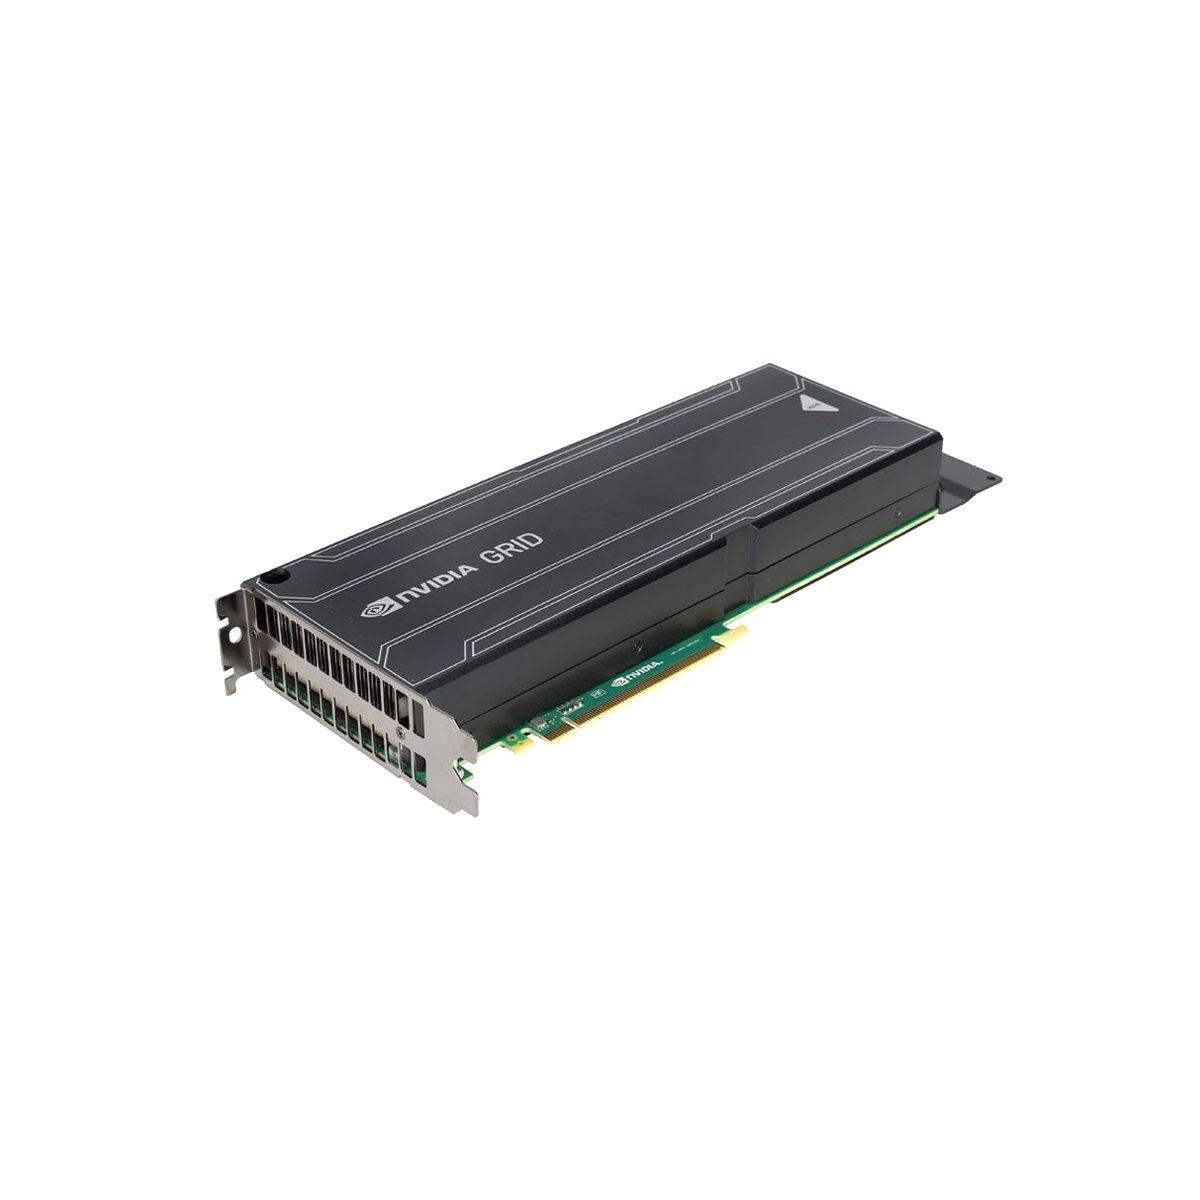 DYSK HP 146GB SAS 15K 3G 2,5 504334-001